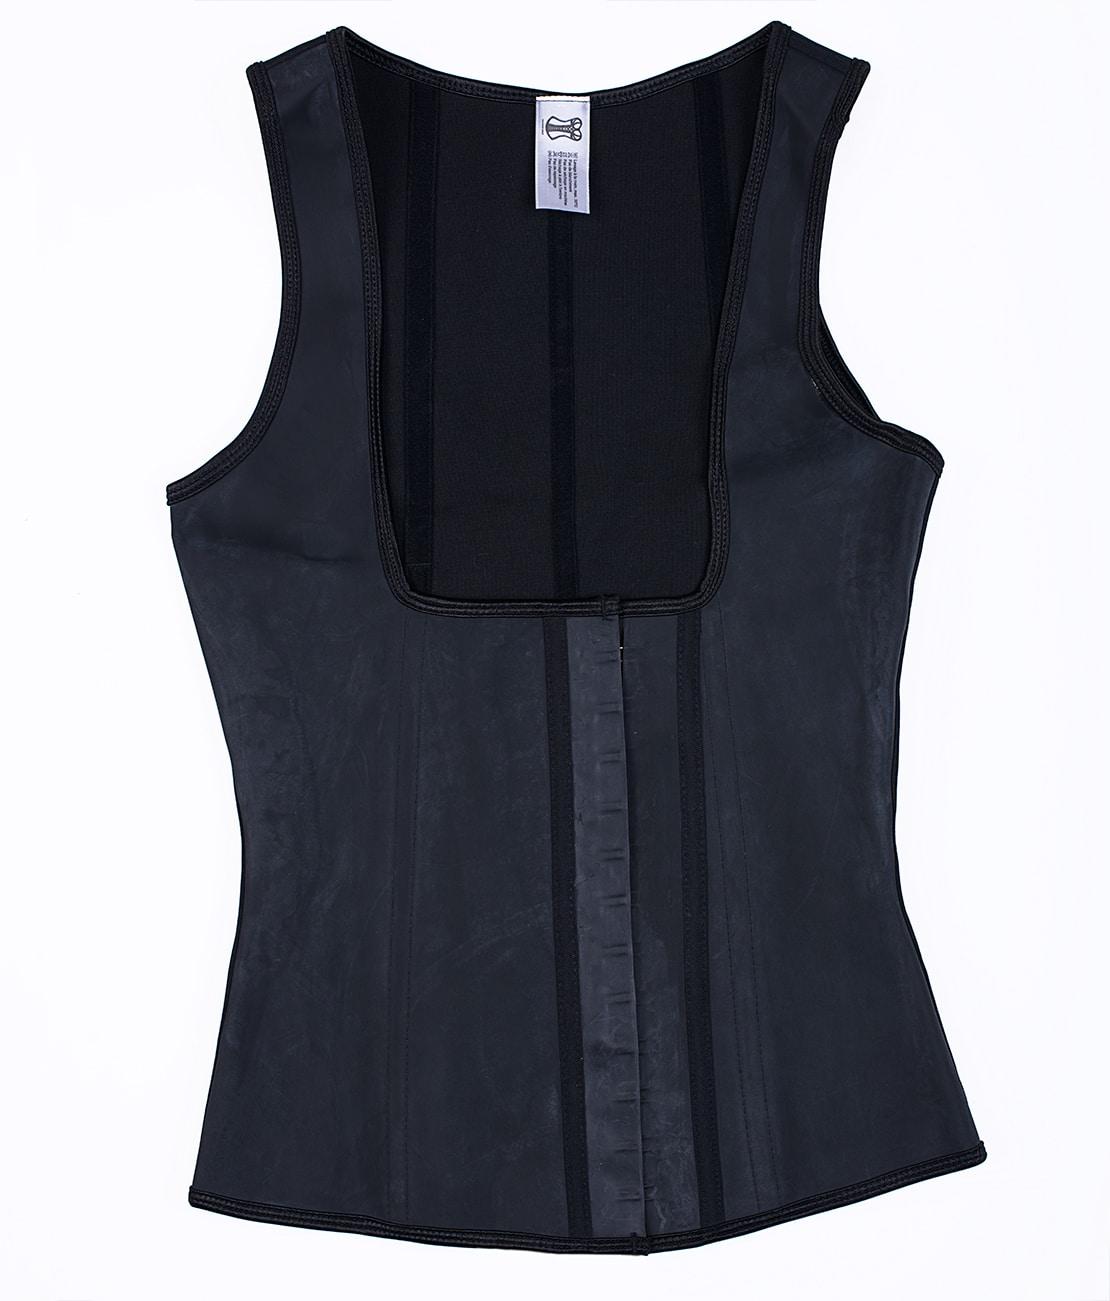 Corset Femme Packshot Front